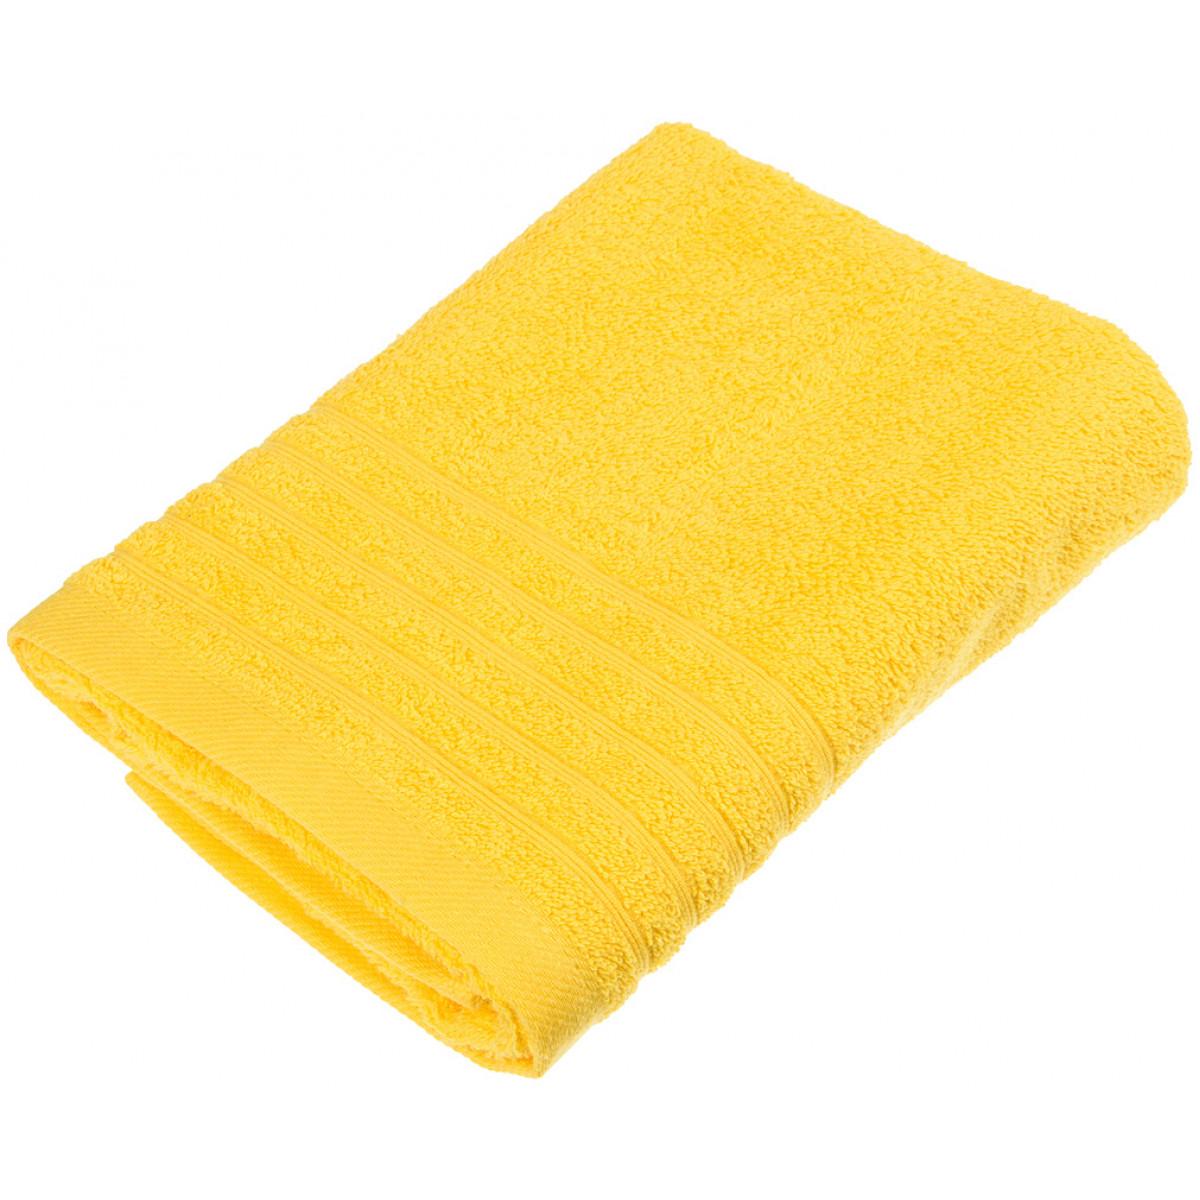 Полотенца Santalino Полотенце Lessie  (50х90 см) василиса полотенце зигзаг артишок 50х90 см